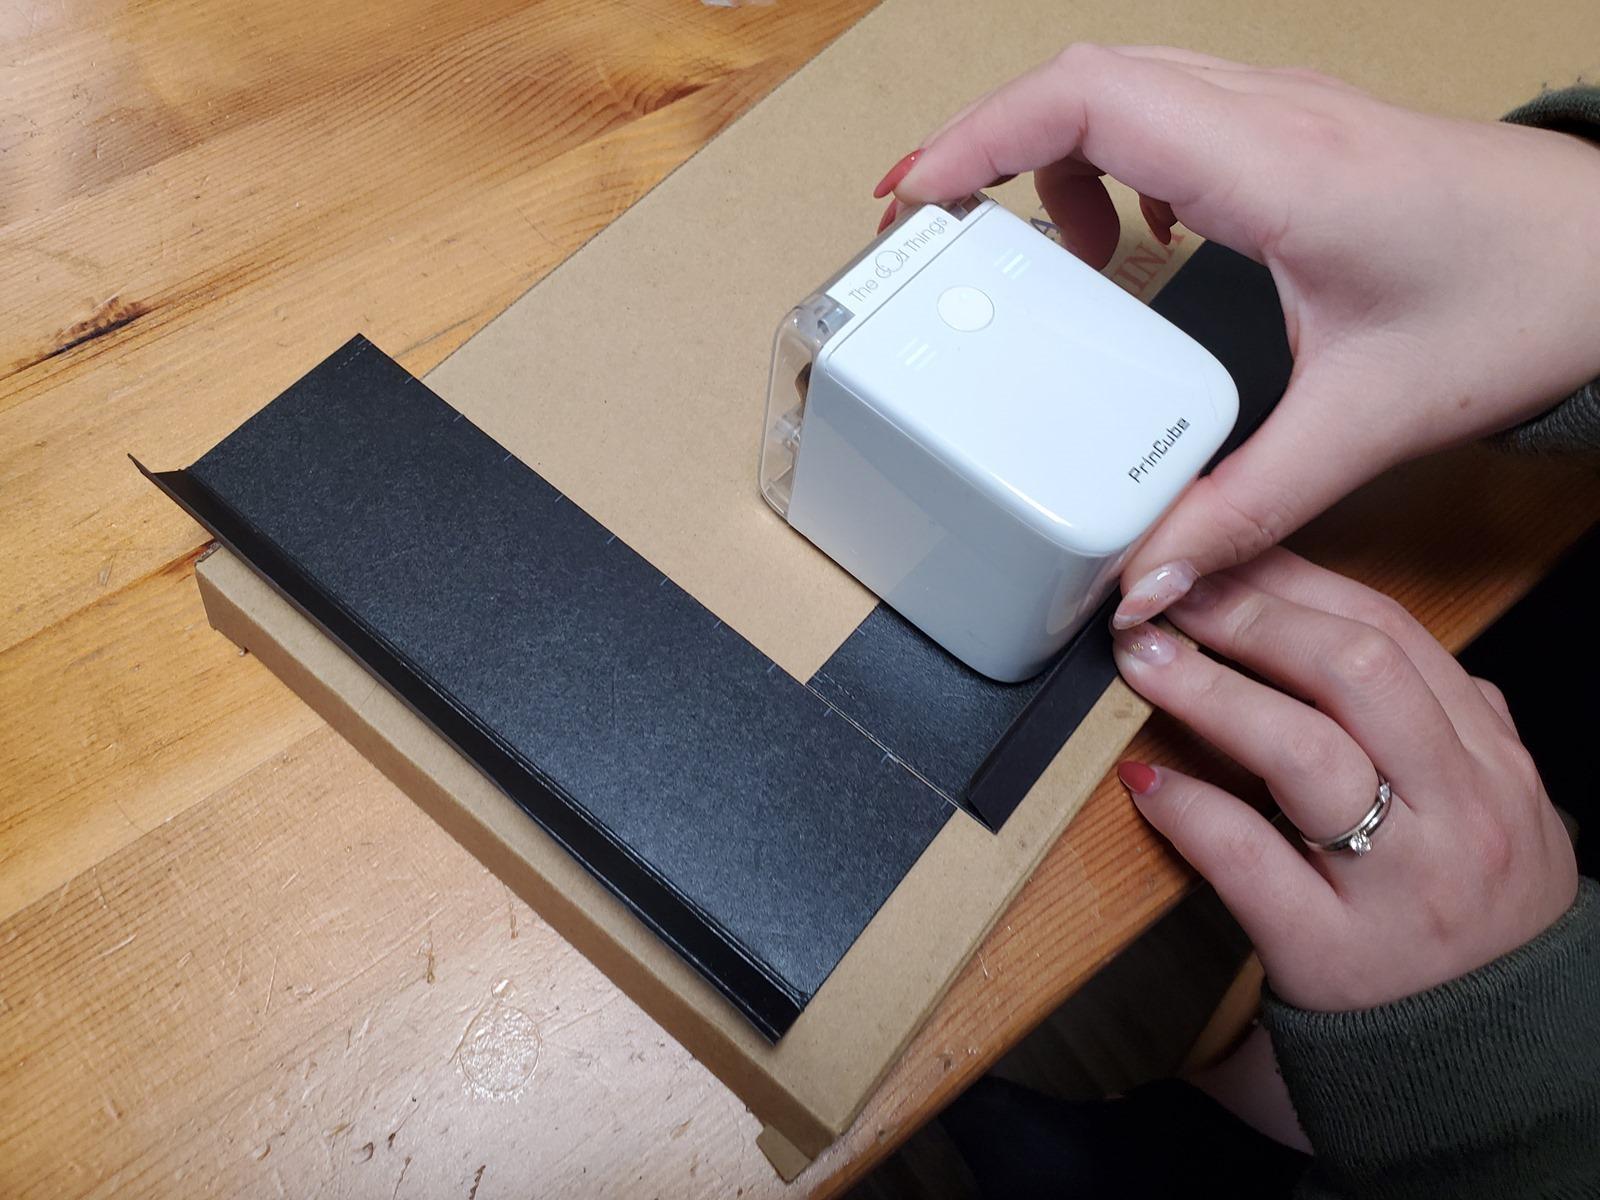 隨手印突破列印傳統限制!PrinCube 口袋印表機開箱 + 實測 @3C 達人廖阿輝